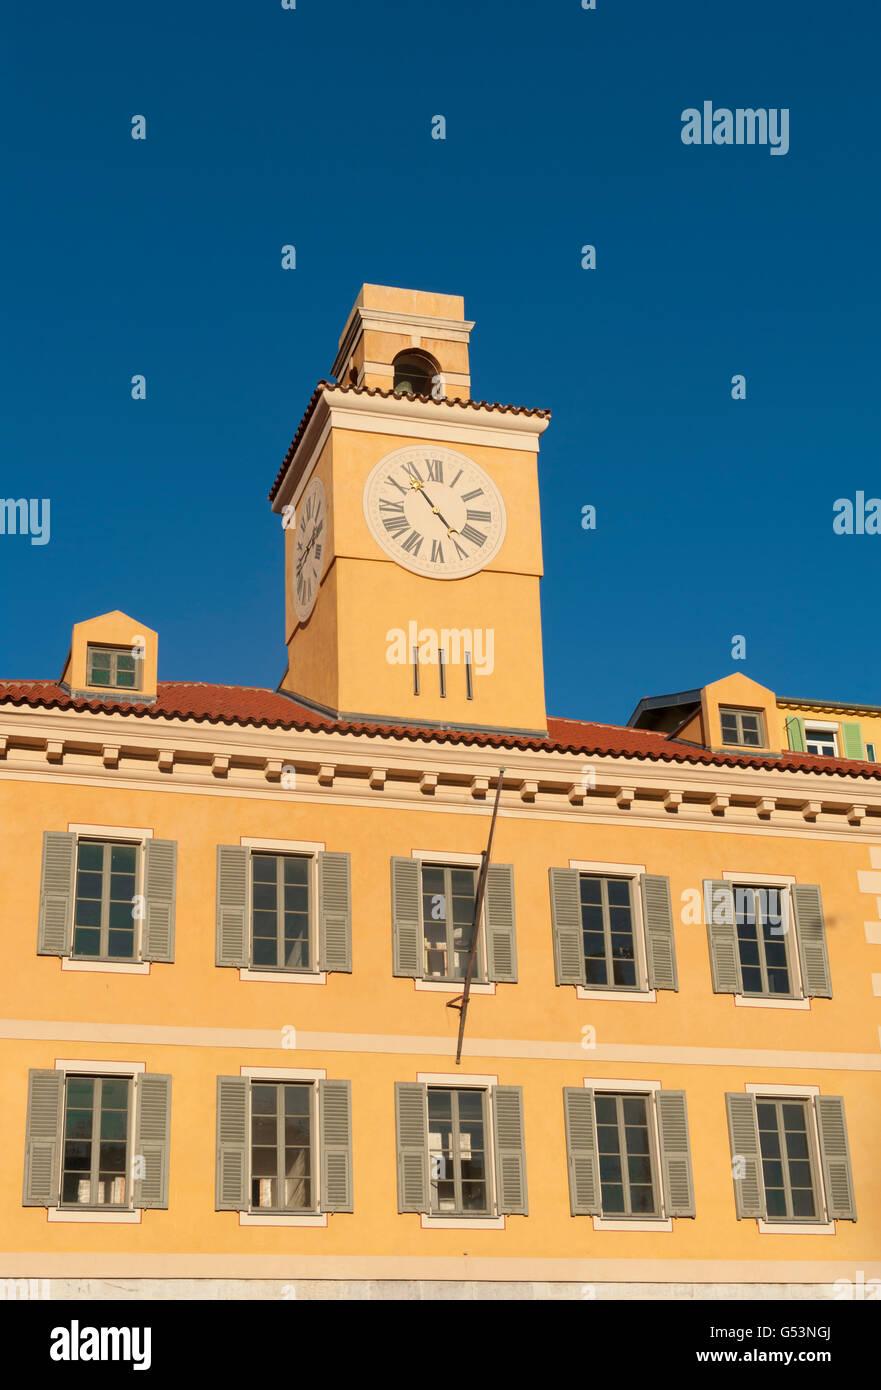 Tour de l'Horloge of the Palais de Justice at Rue Fodéré, Nice, Provence-Alpes-Côte d'Azur; - Stock Image